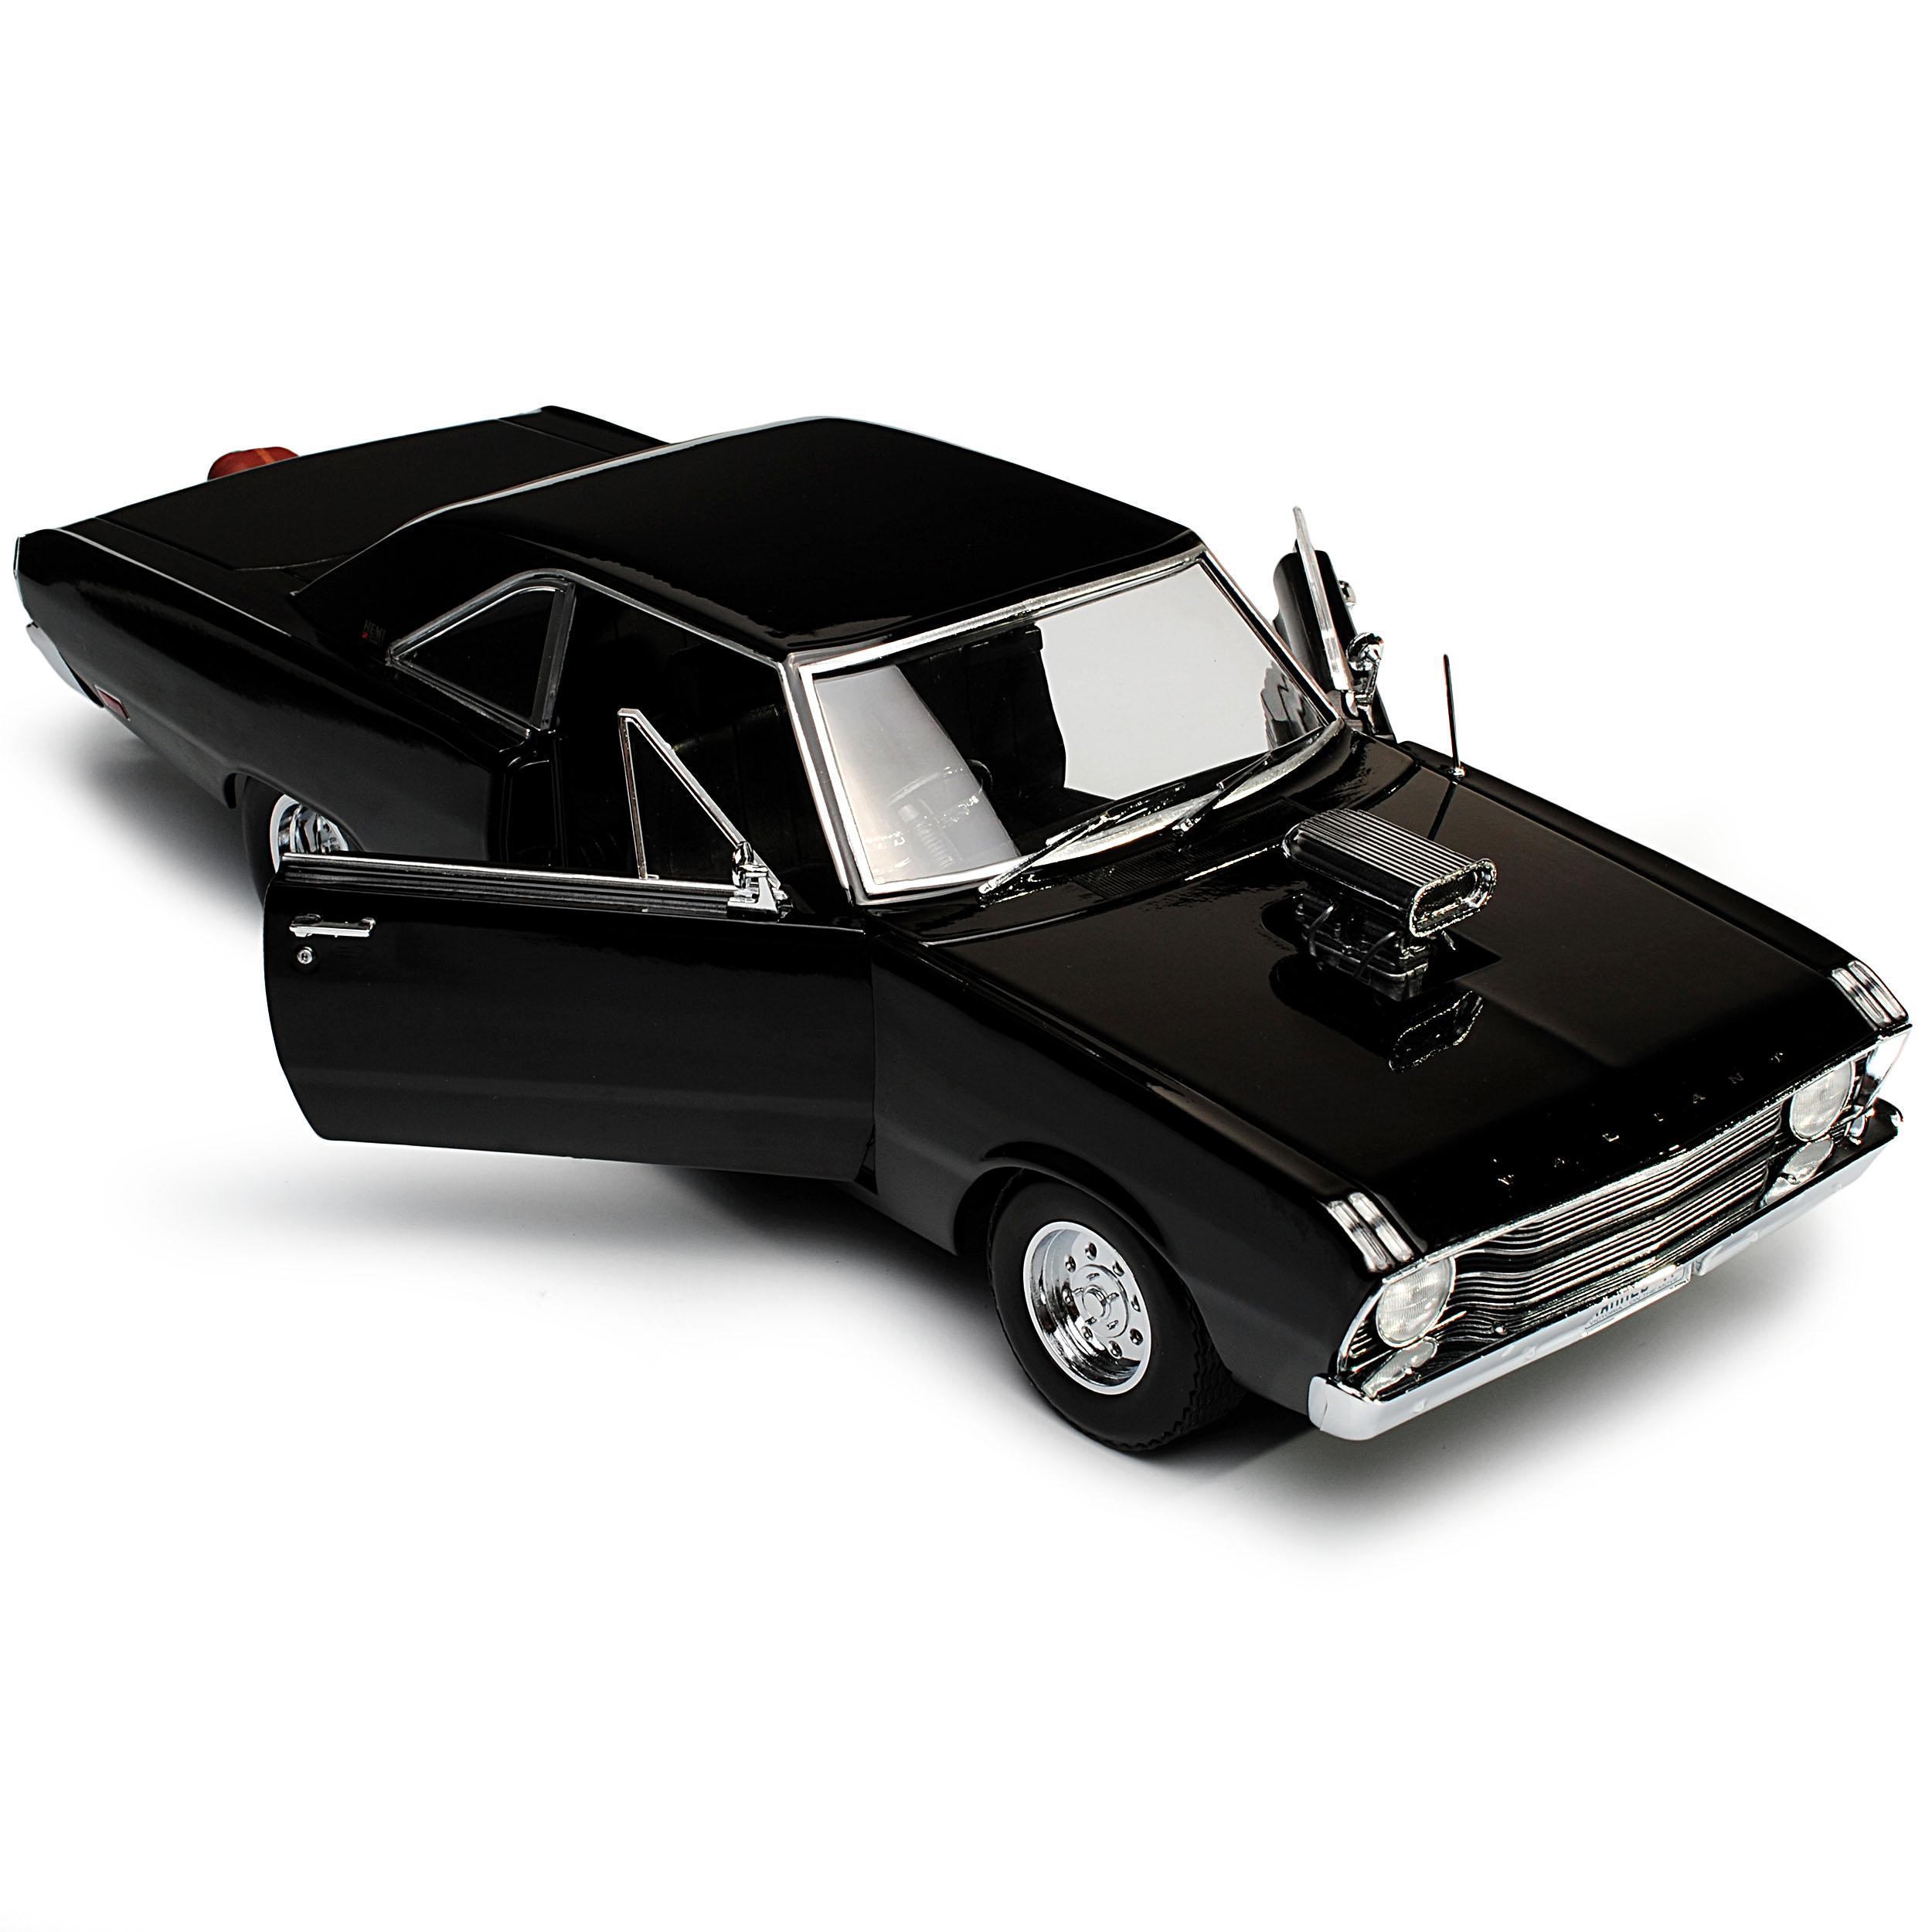 CHRYSLER VALIANT VF coupé noir Drag Car Car Car 1969-1970 1 18 vertlight Modèle UA... bd18ba